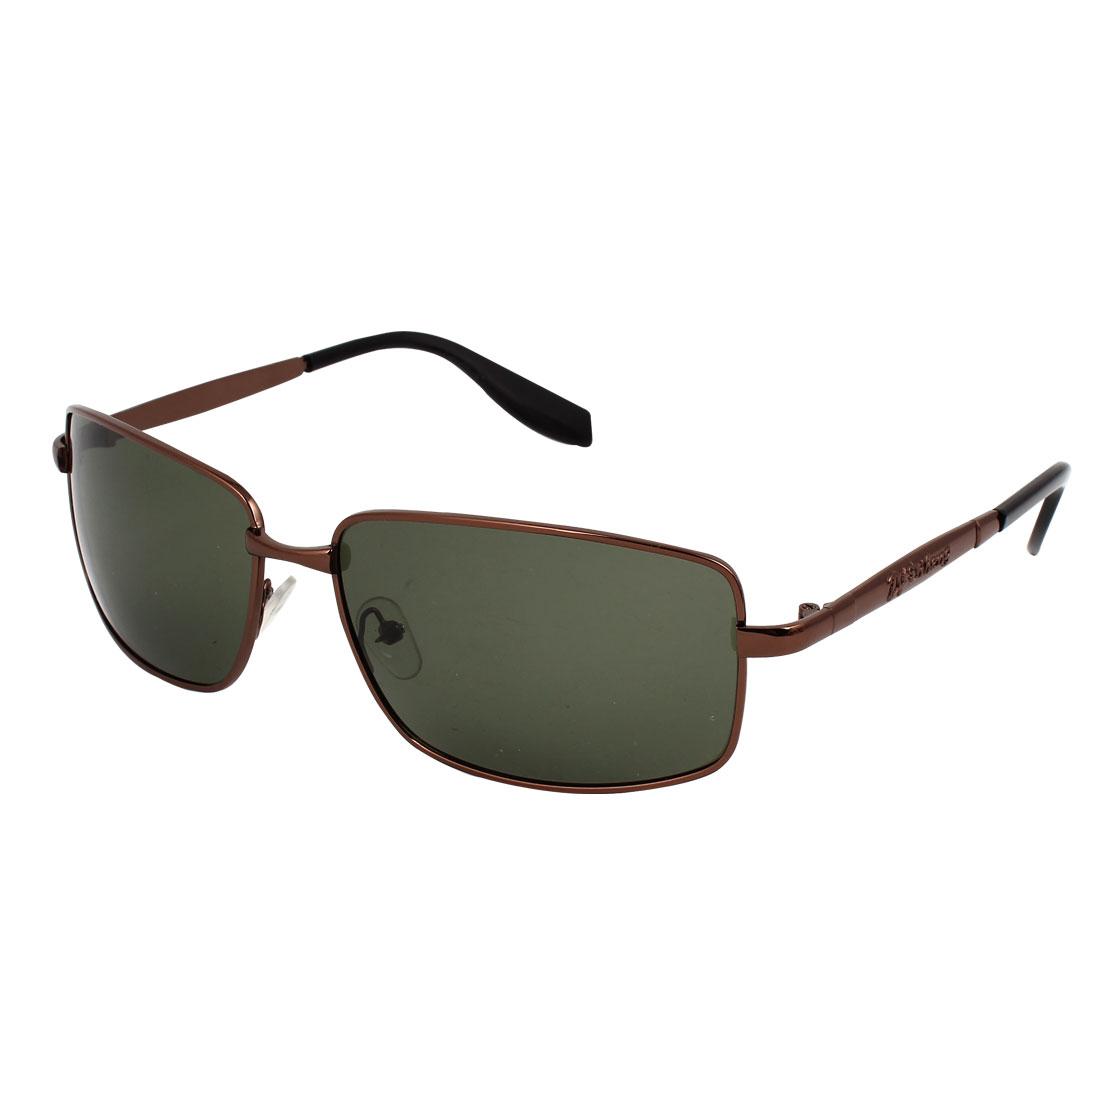 Men Single Bridge Full Frame Rectangular Lens Dark Green Polarized Sunglasses